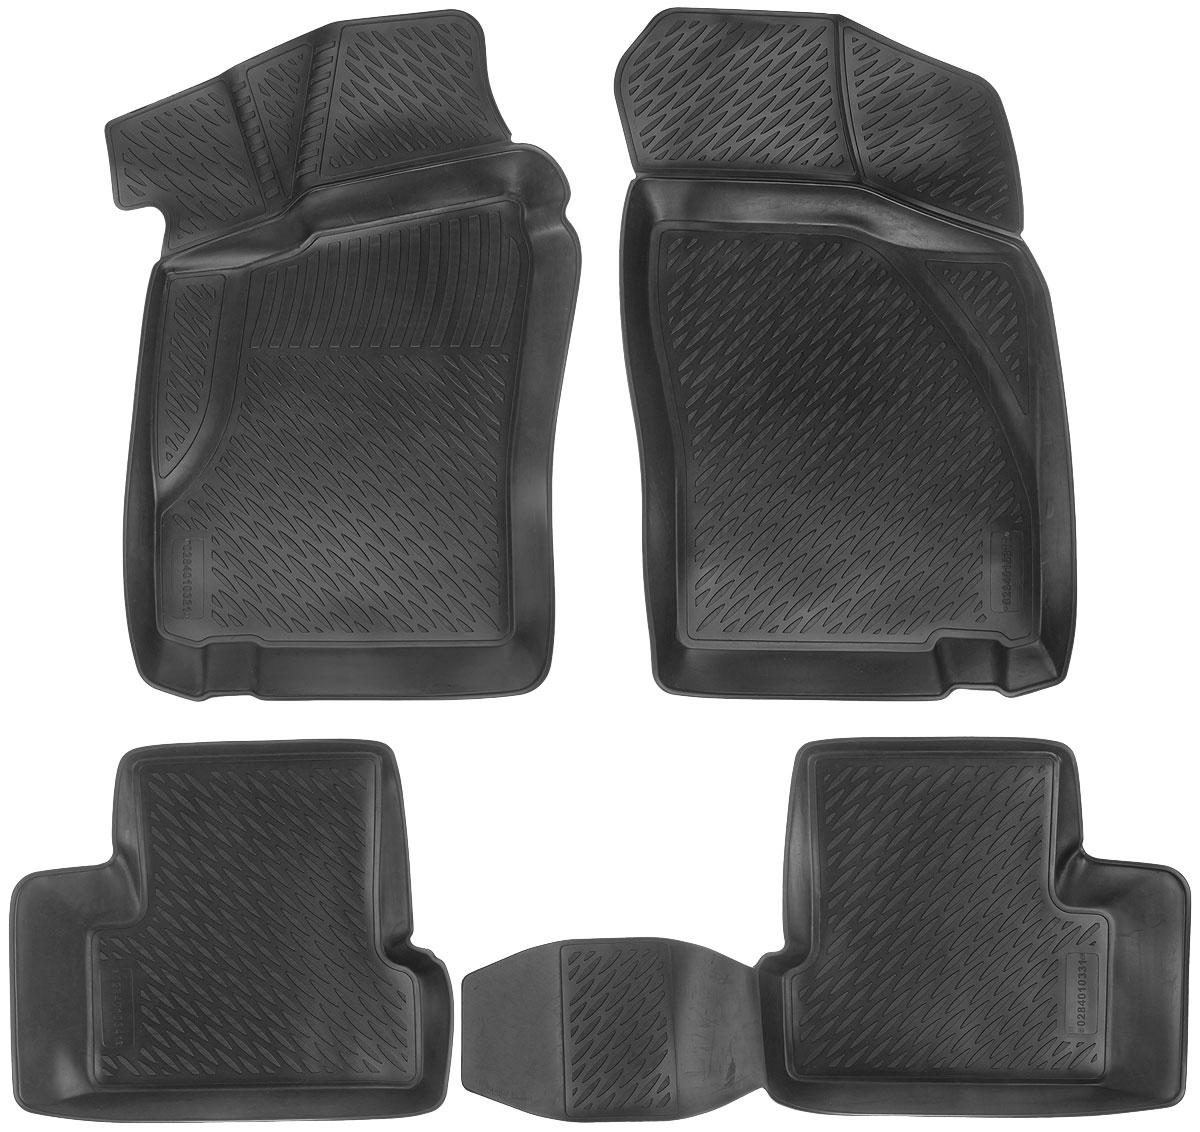 Набор автомобильных ковриков L.Locker Daewoo Nexia 2005, в салон, 4 шт0210020101Набор L.Locker Daewoo Nexia 2005, изготовленный из полиуретана, состоит из 4 антискользящих 3D ковриков, которые производятся индивидуально для каждой модели автомобиля. Изделие точно повторяет геометрию пола автомобиля, имеет высокий борт, обладает повышенной износоустойчивостью, лишено резкого запаха и сохраняет свои потребительские свойства в широком диапазоне температур от -50°С до +50°С. Набор подходит для автомобилей с 2005 года выпуска. Комплектация: 4 шт.Размер ковриков: 84 см х 58 см; 54 см х 46 см; 90 см х 46 см; 85 см х 53 см.